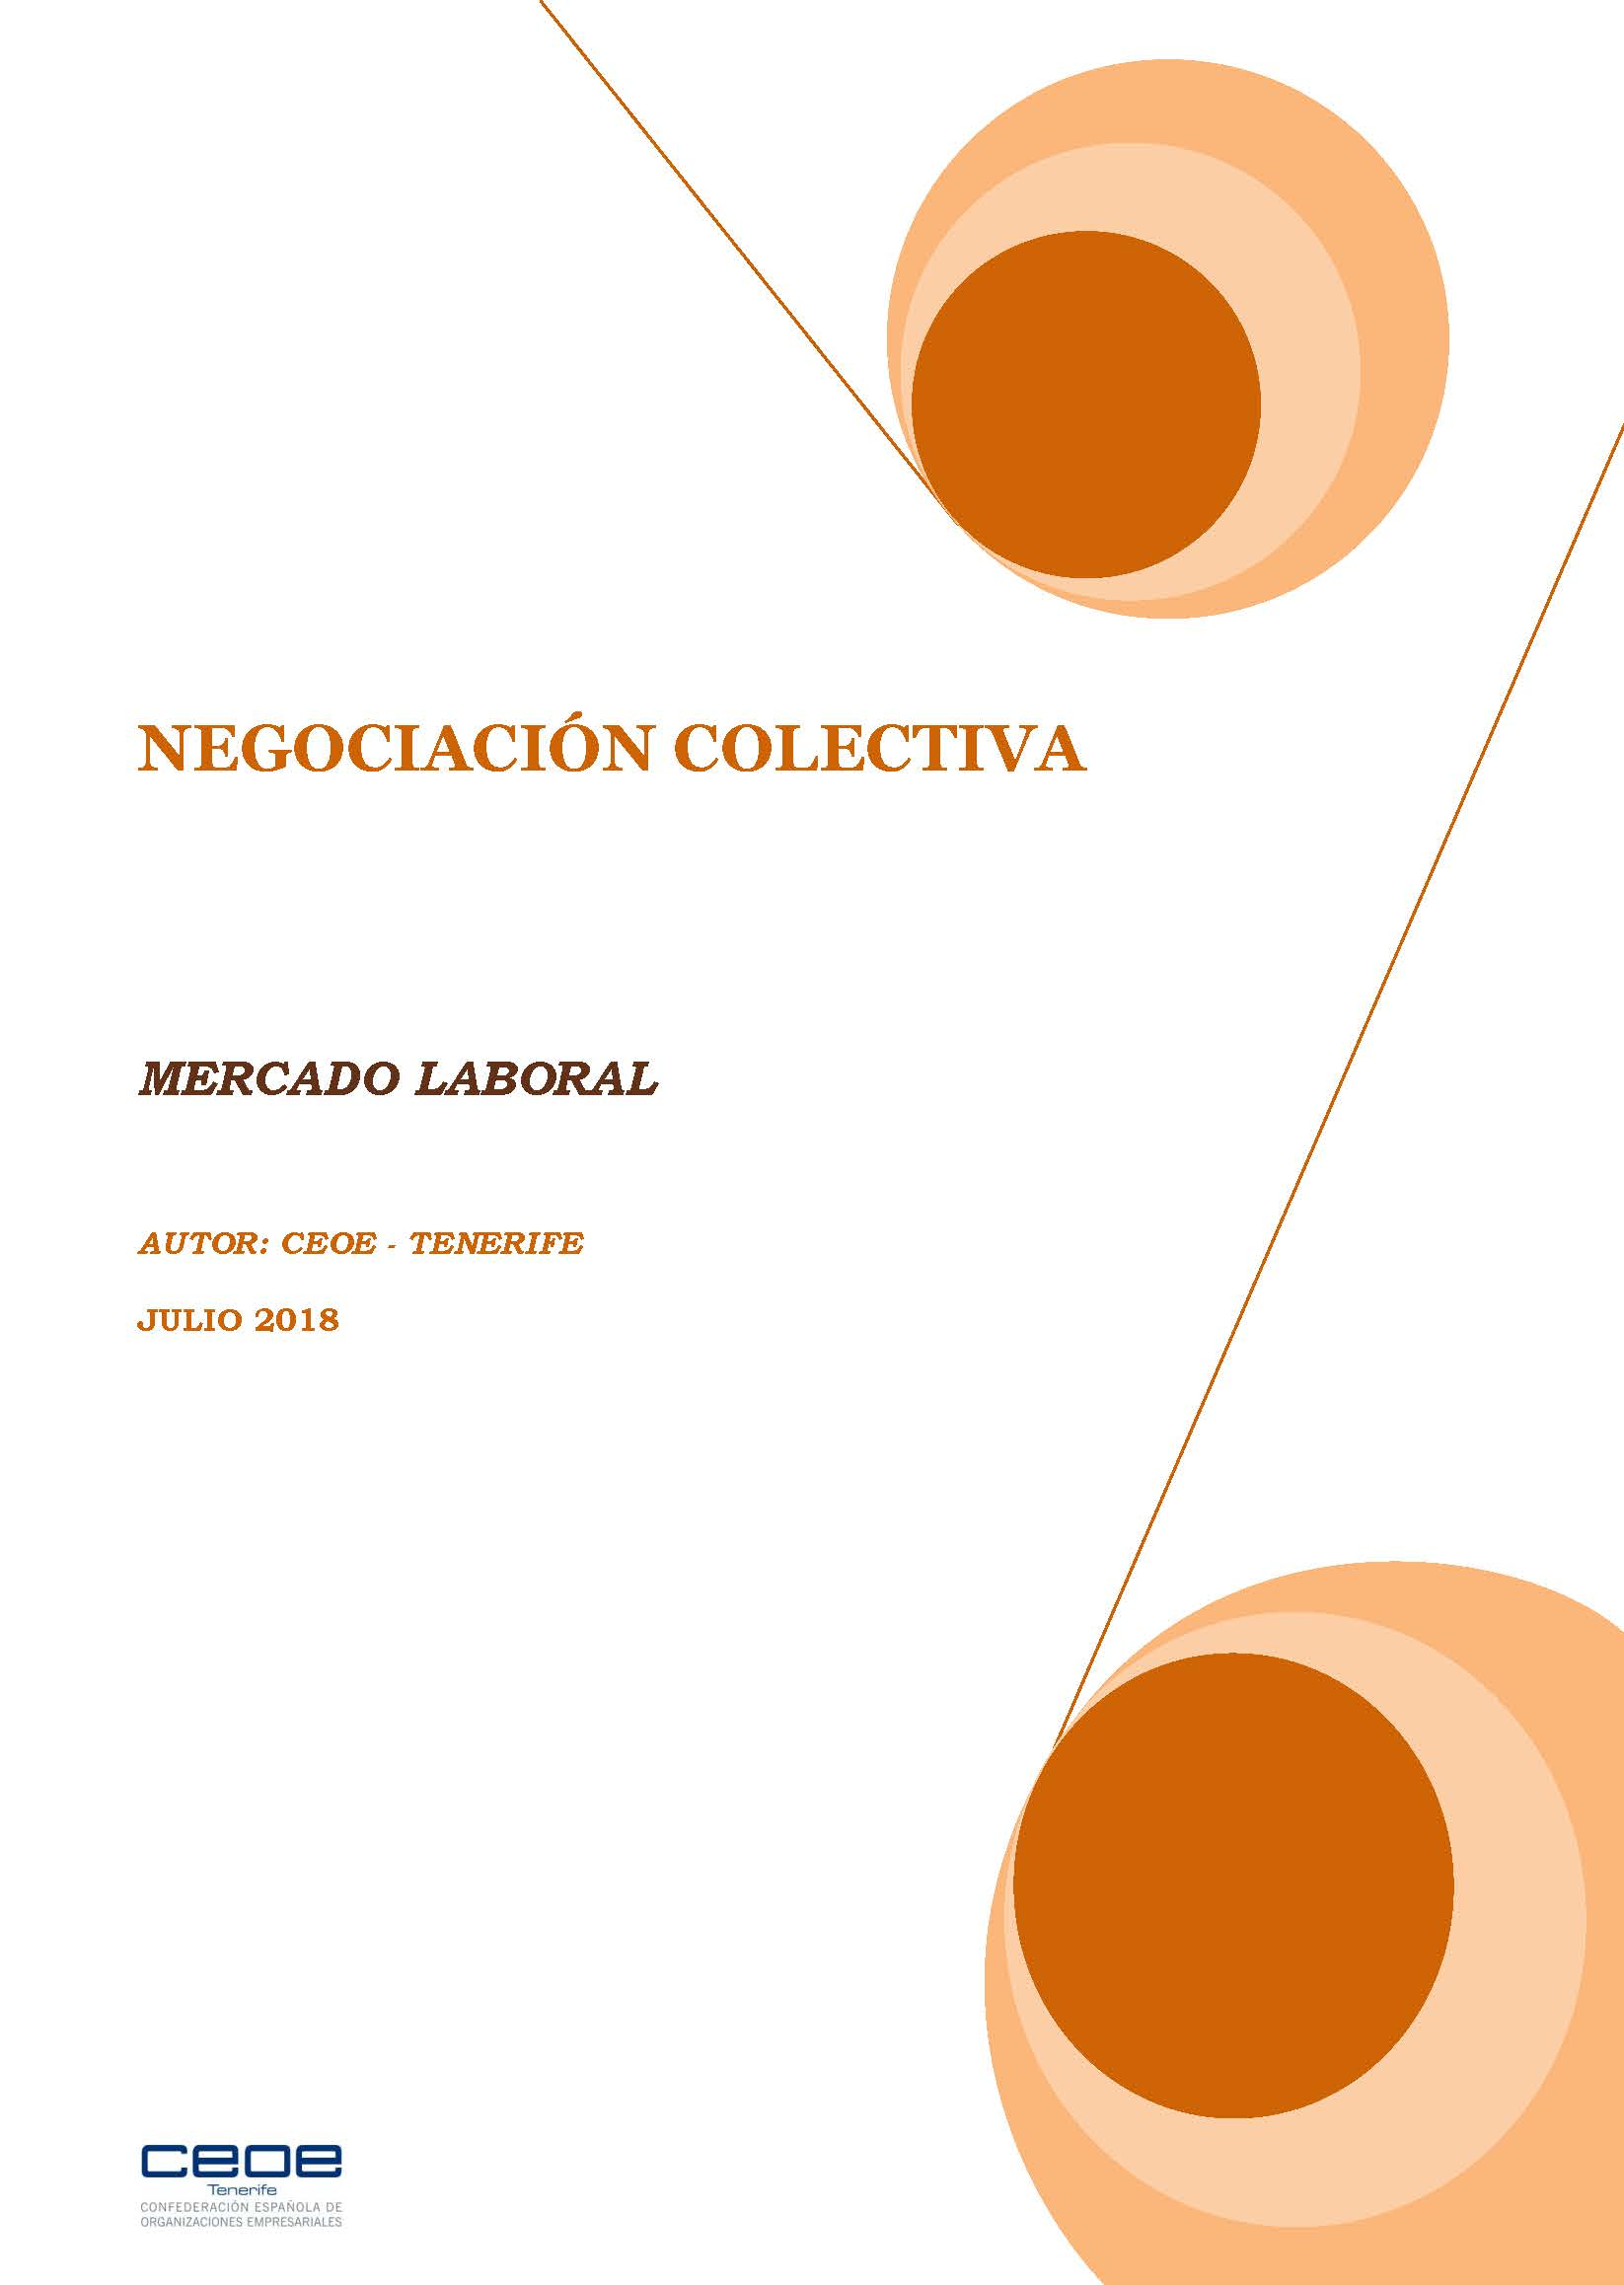 MERCADO LABORAL - NEGOCIACION COLECTIVA JULIO 2018